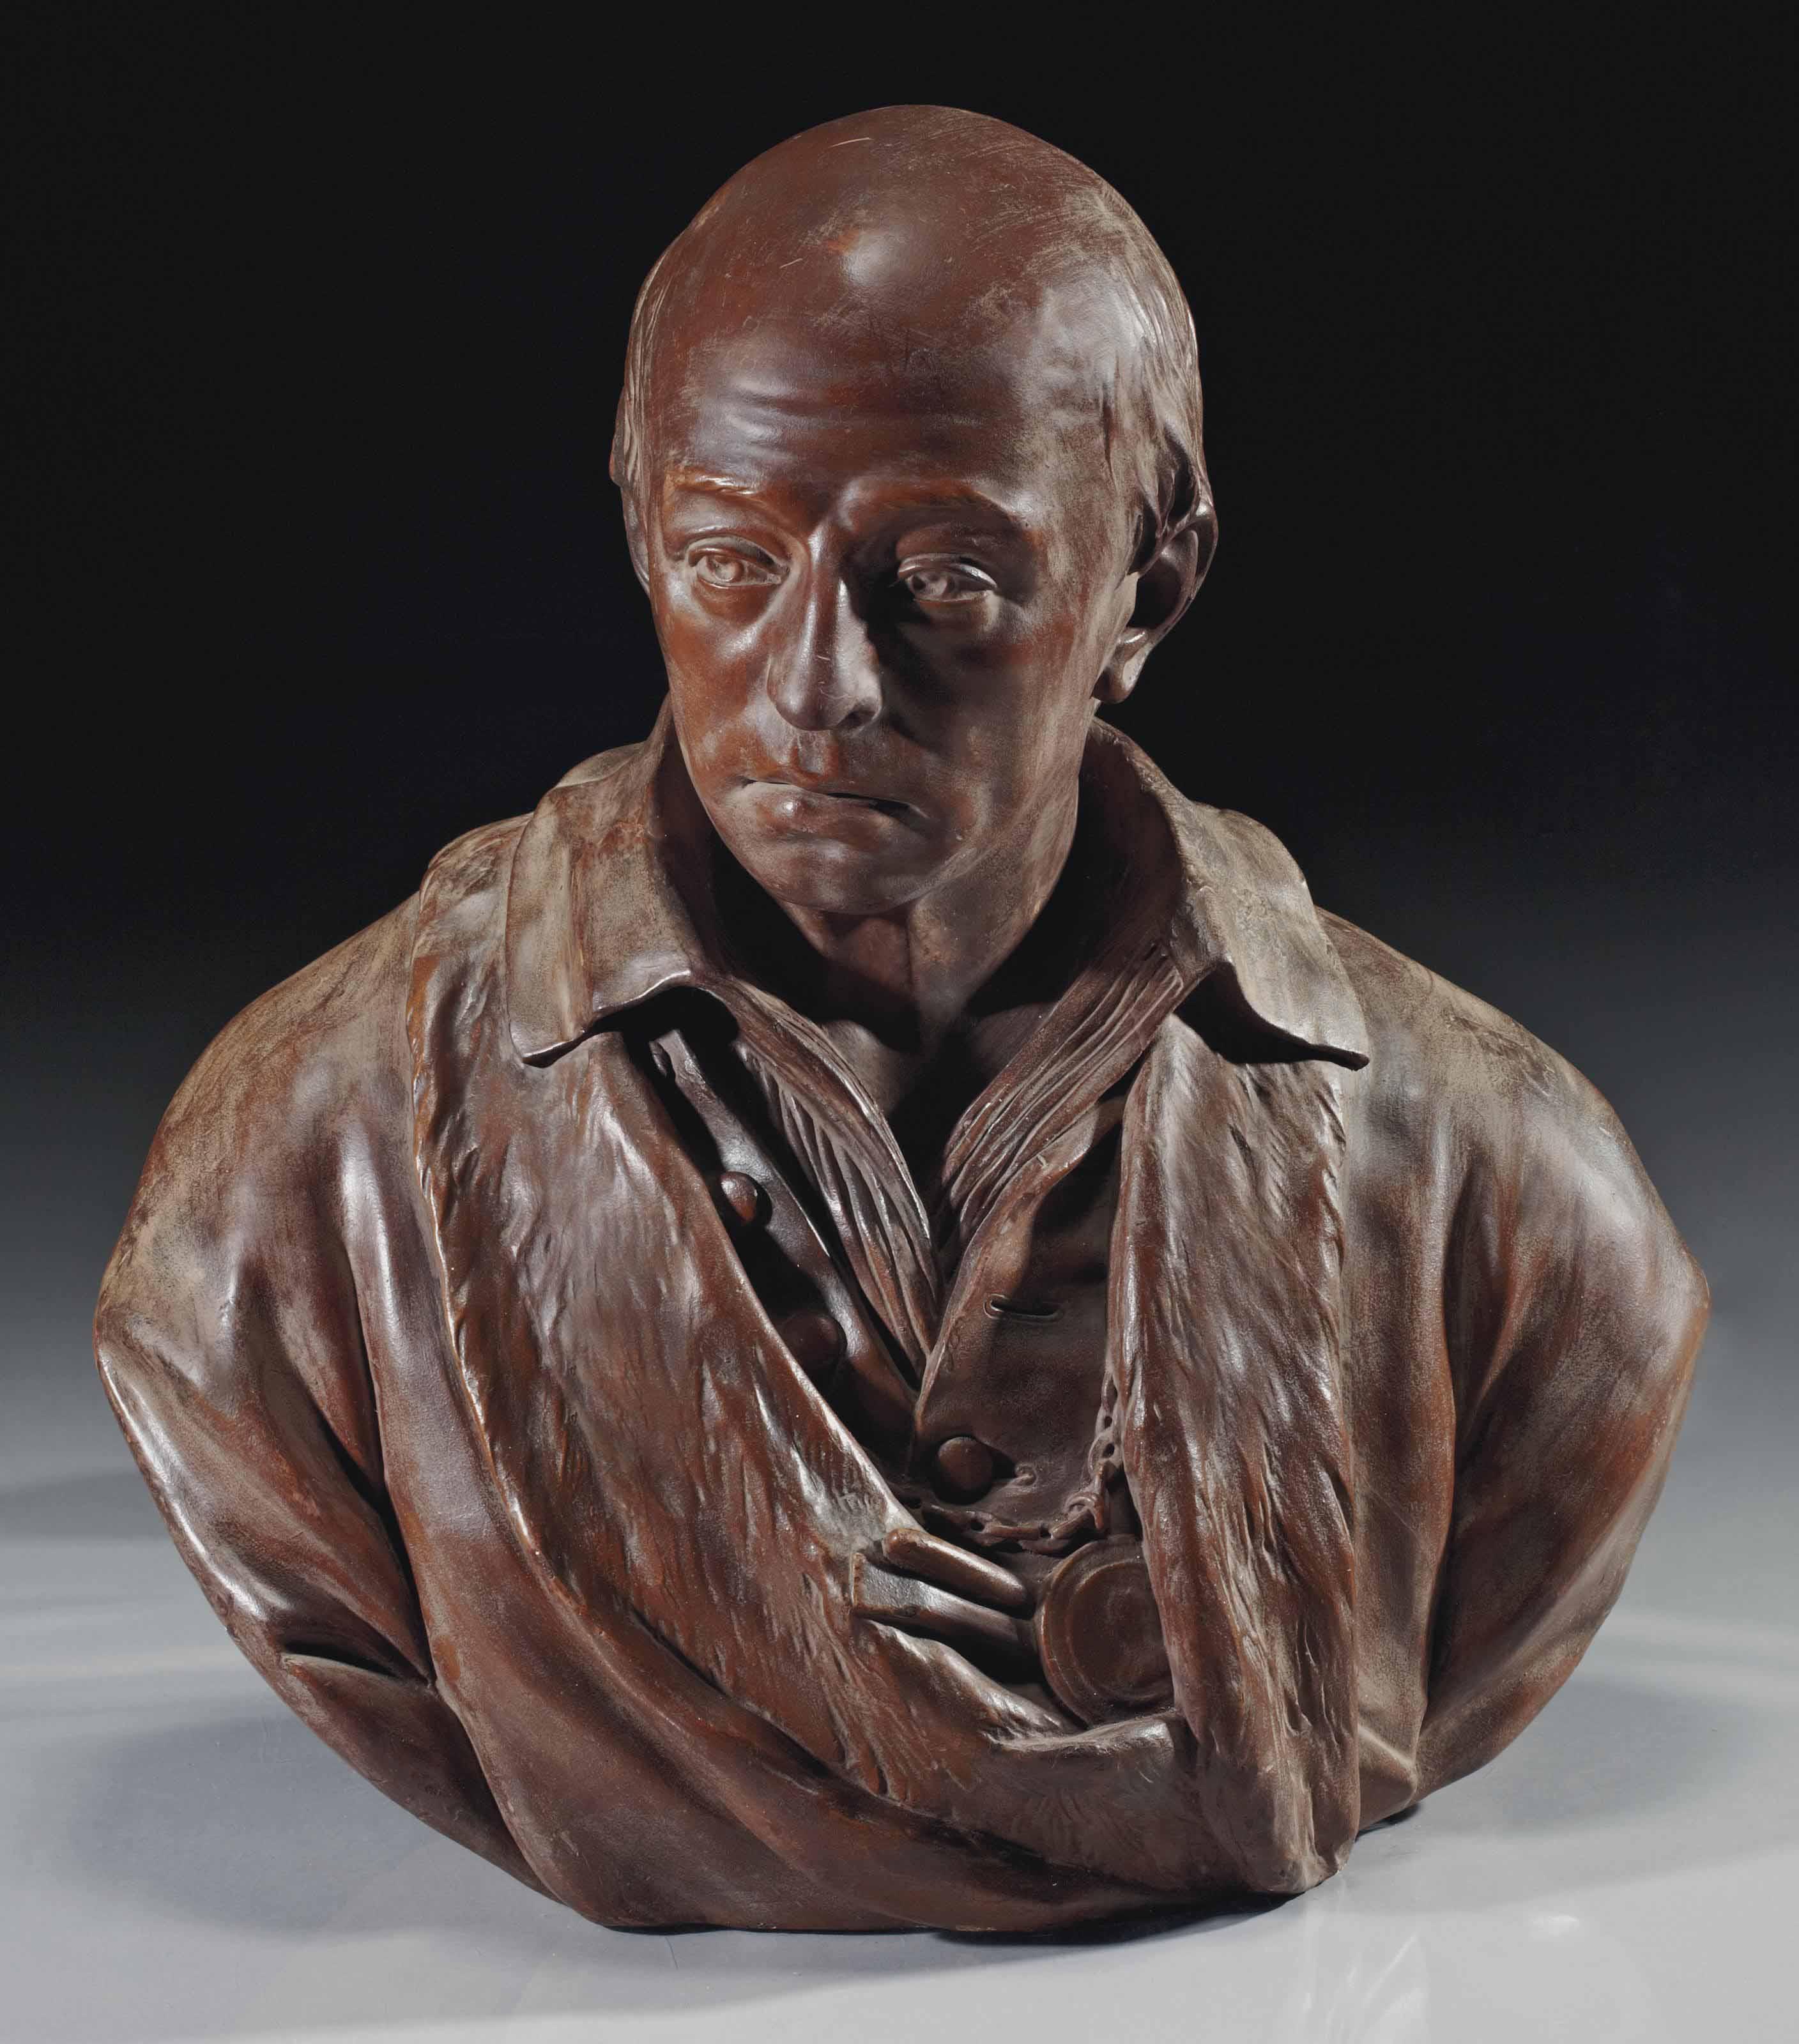 buste en platre peint representant le sculpteur laurent delvaux 1696 1778 attribue a. Black Bedroom Furniture Sets. Home Design Ideas